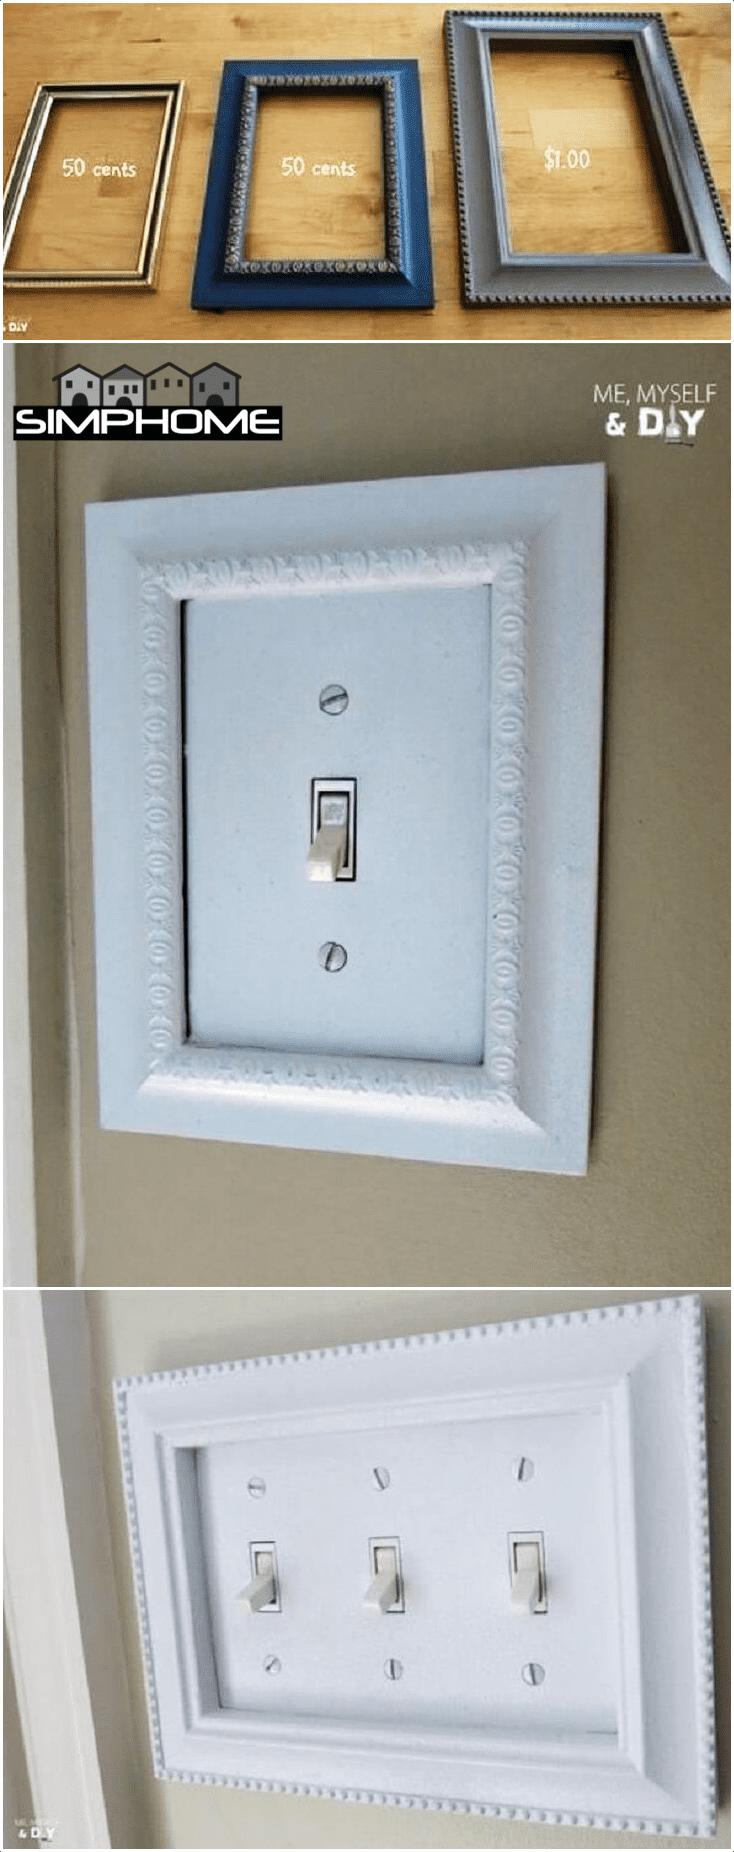 2.Frame the Light Switch via Simphome.com